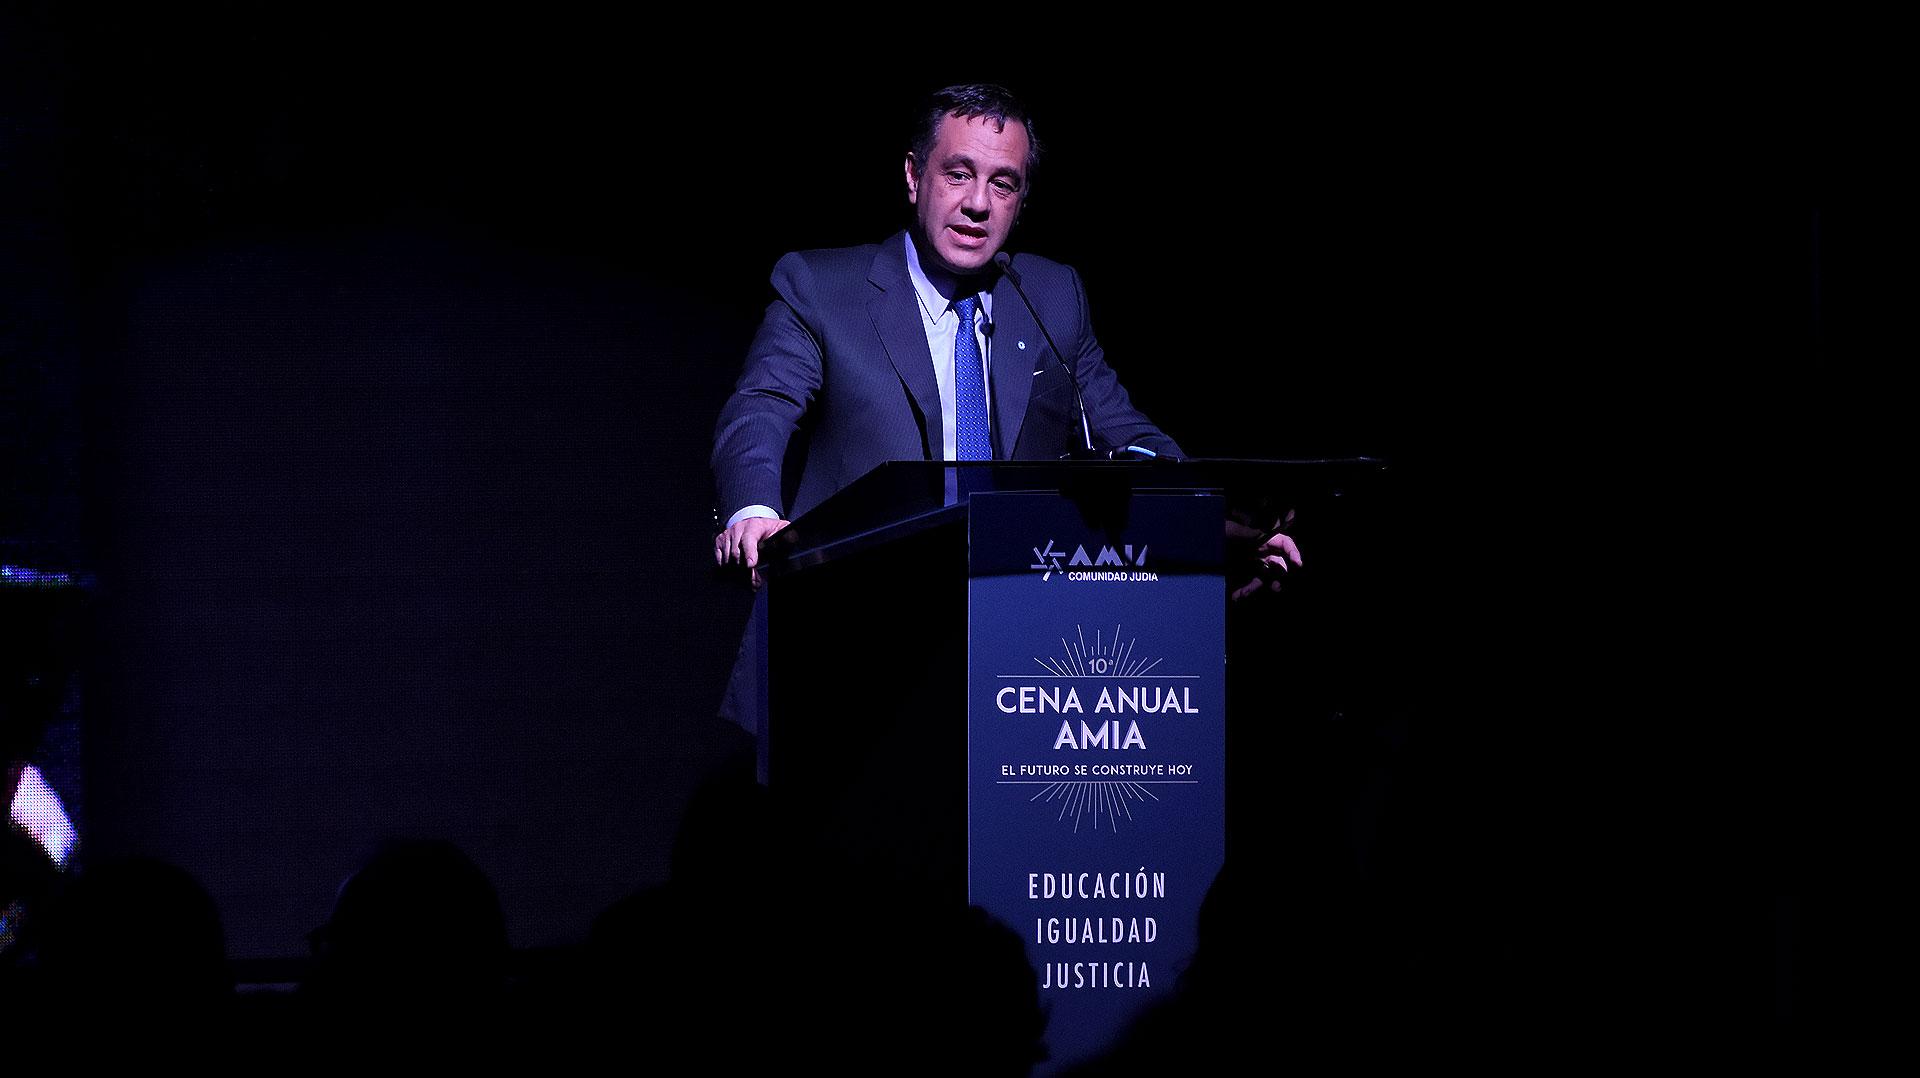 El discurso del ministro de Educación, Alejandro Finocchiaro